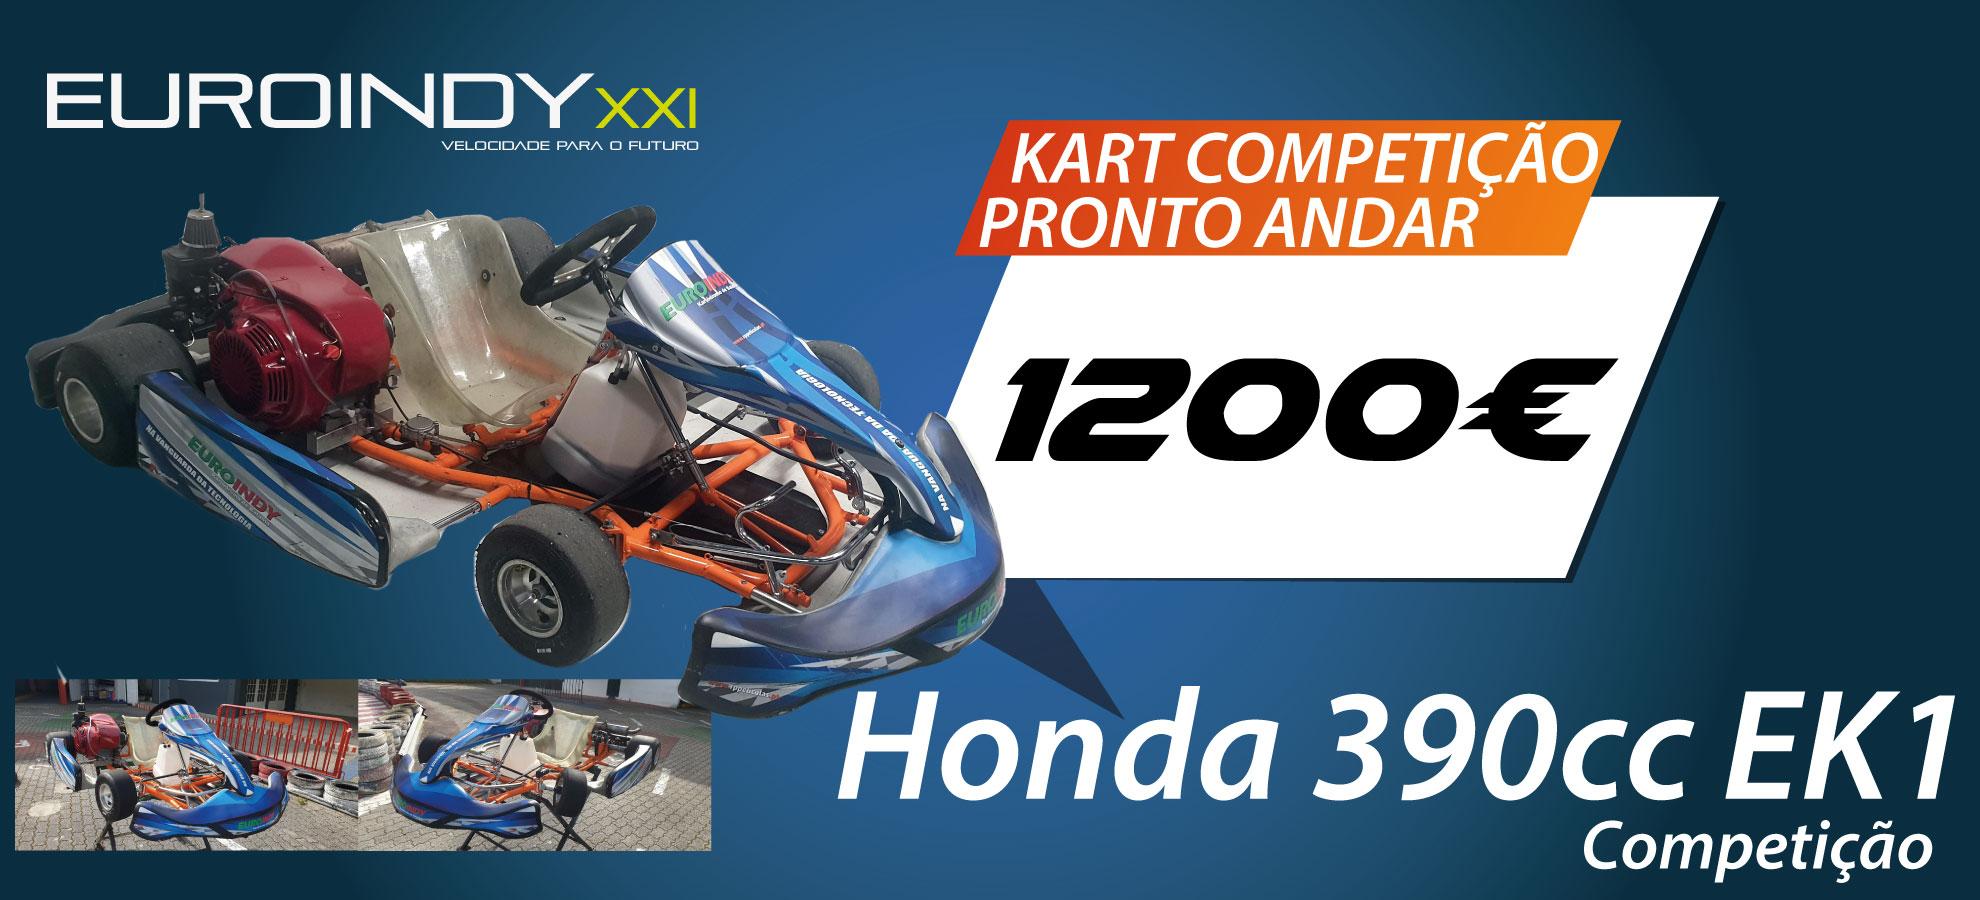 Honda 390cc EK1